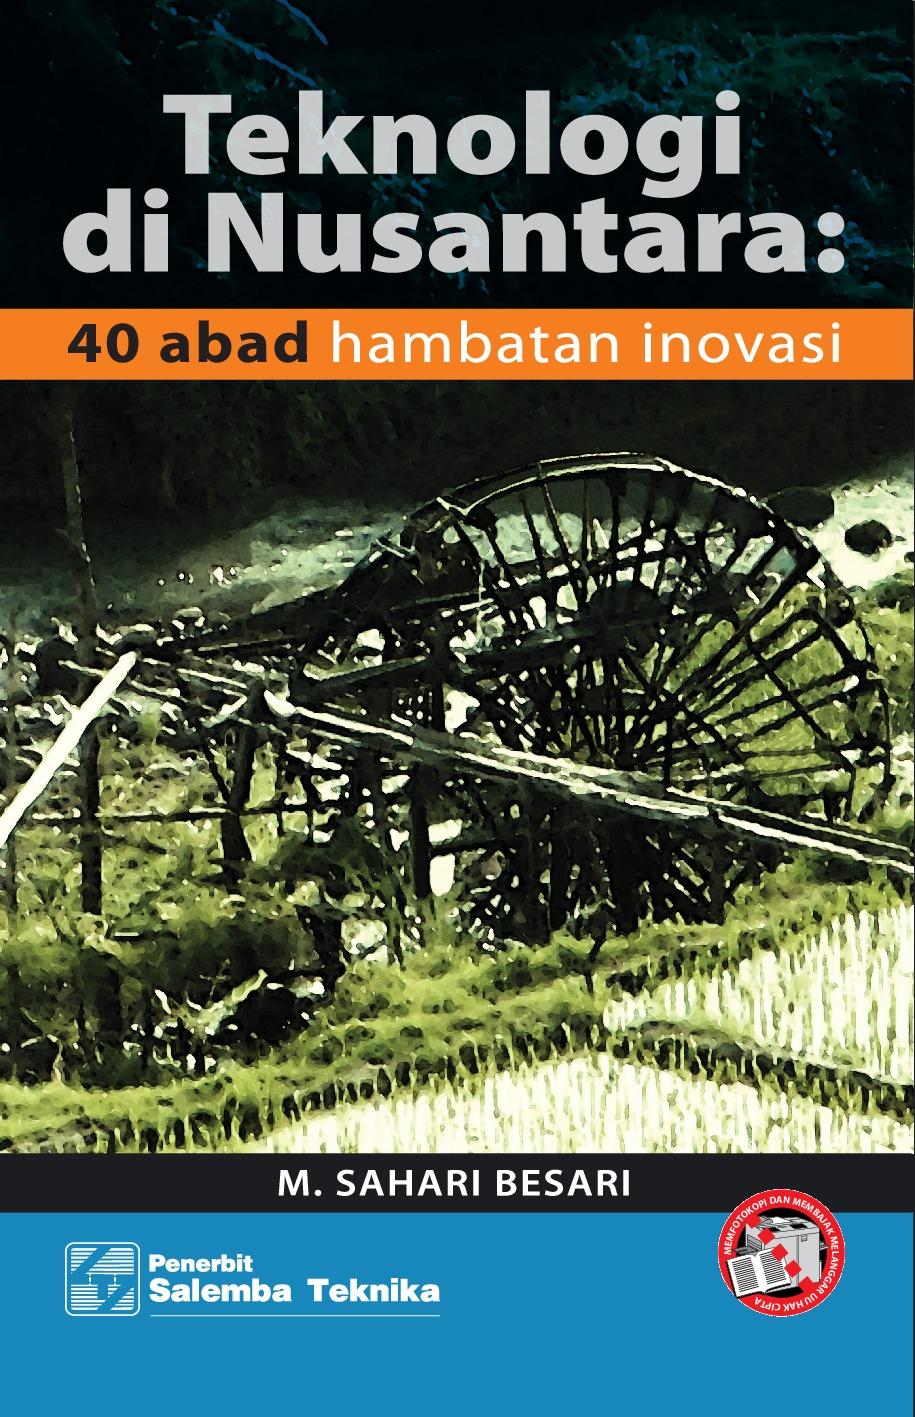 Teknologi di Nusantara: 40 Abad Hambatan Inovasi